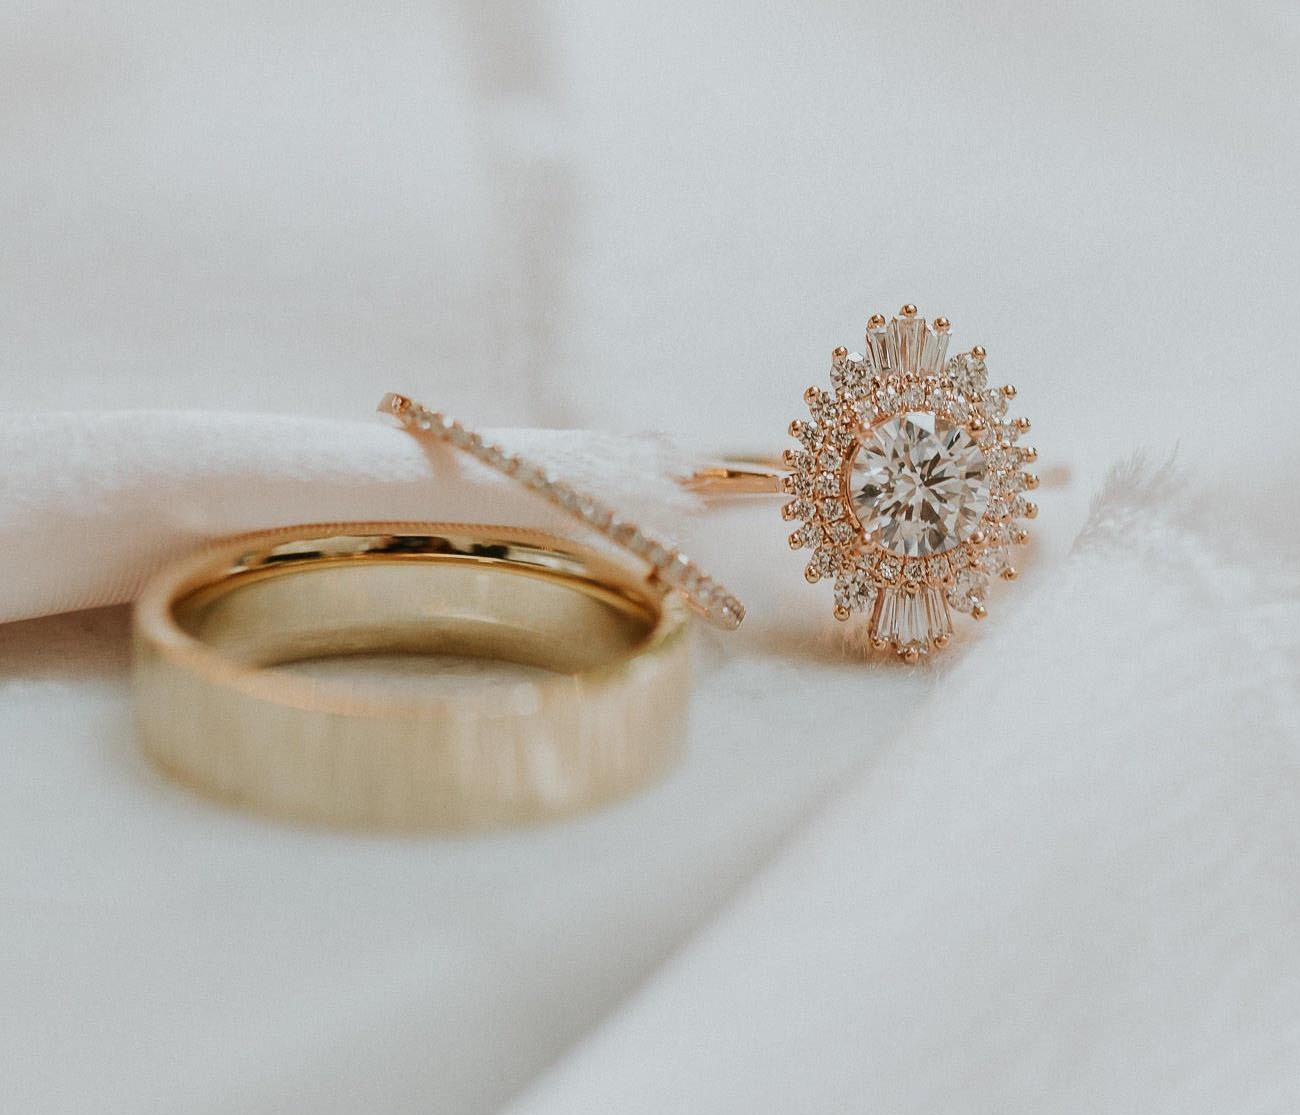 bohemian unique engagement ring with Art Deco sunburst style